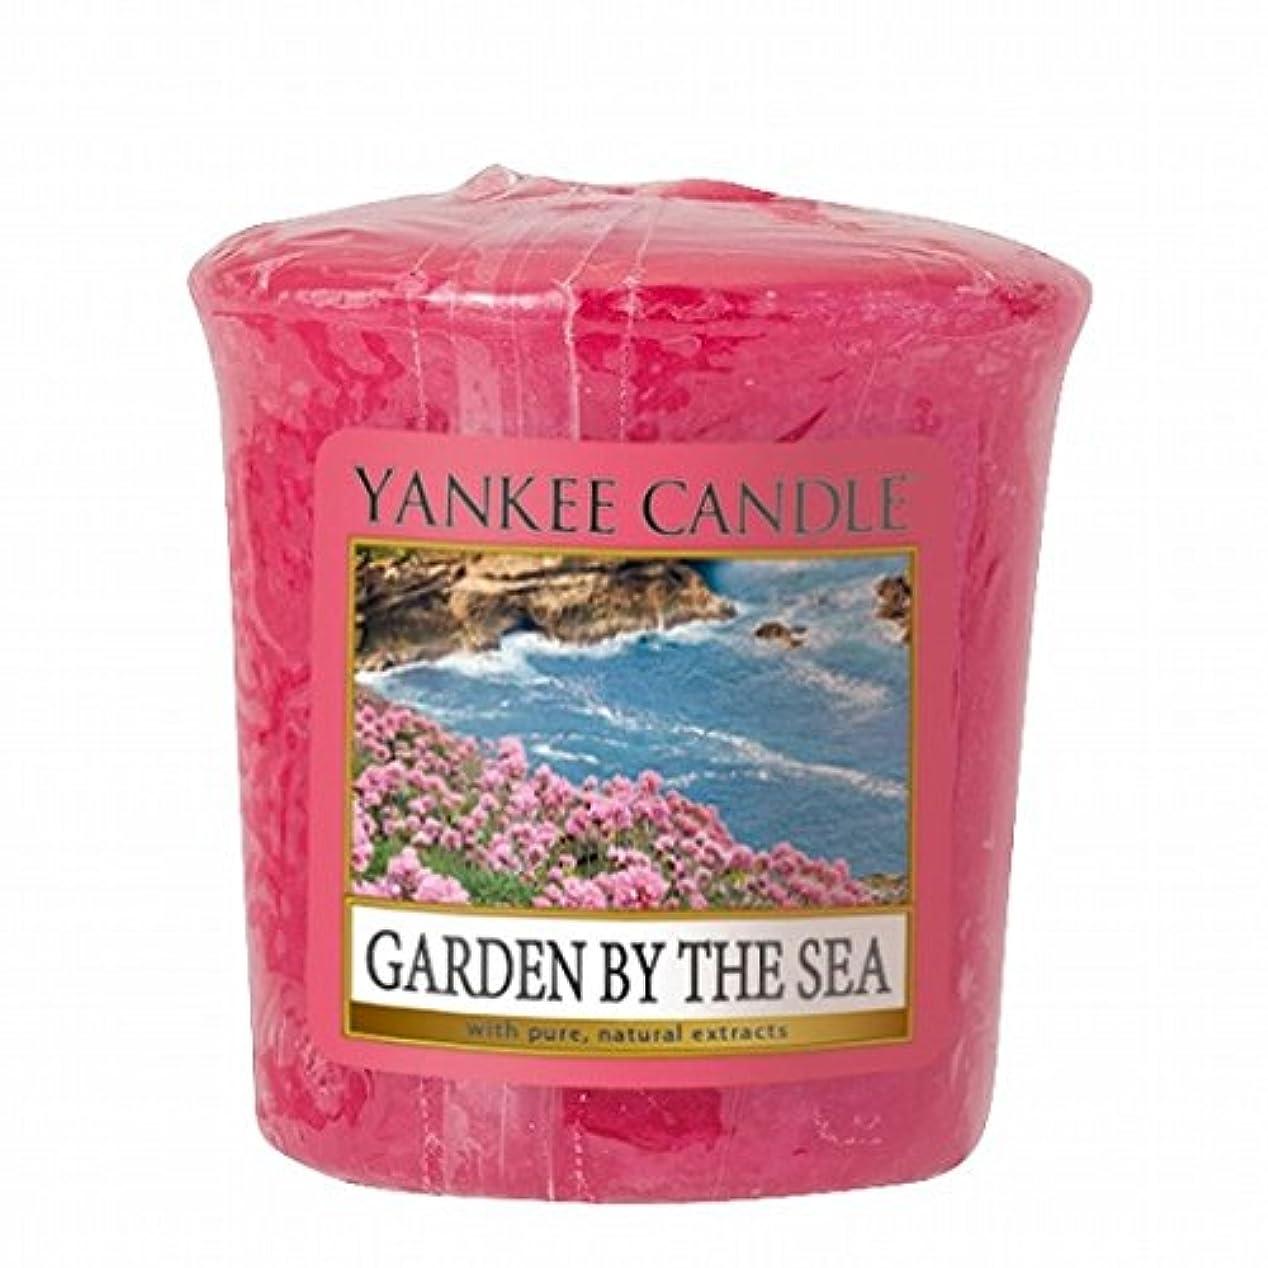 りんごヒューバートハドソングローYANKEE CANDLE(ヤンキーキャンドル) YANKEE CANDLE サンプラー 「ガーデンバイザシー」(K00105291)